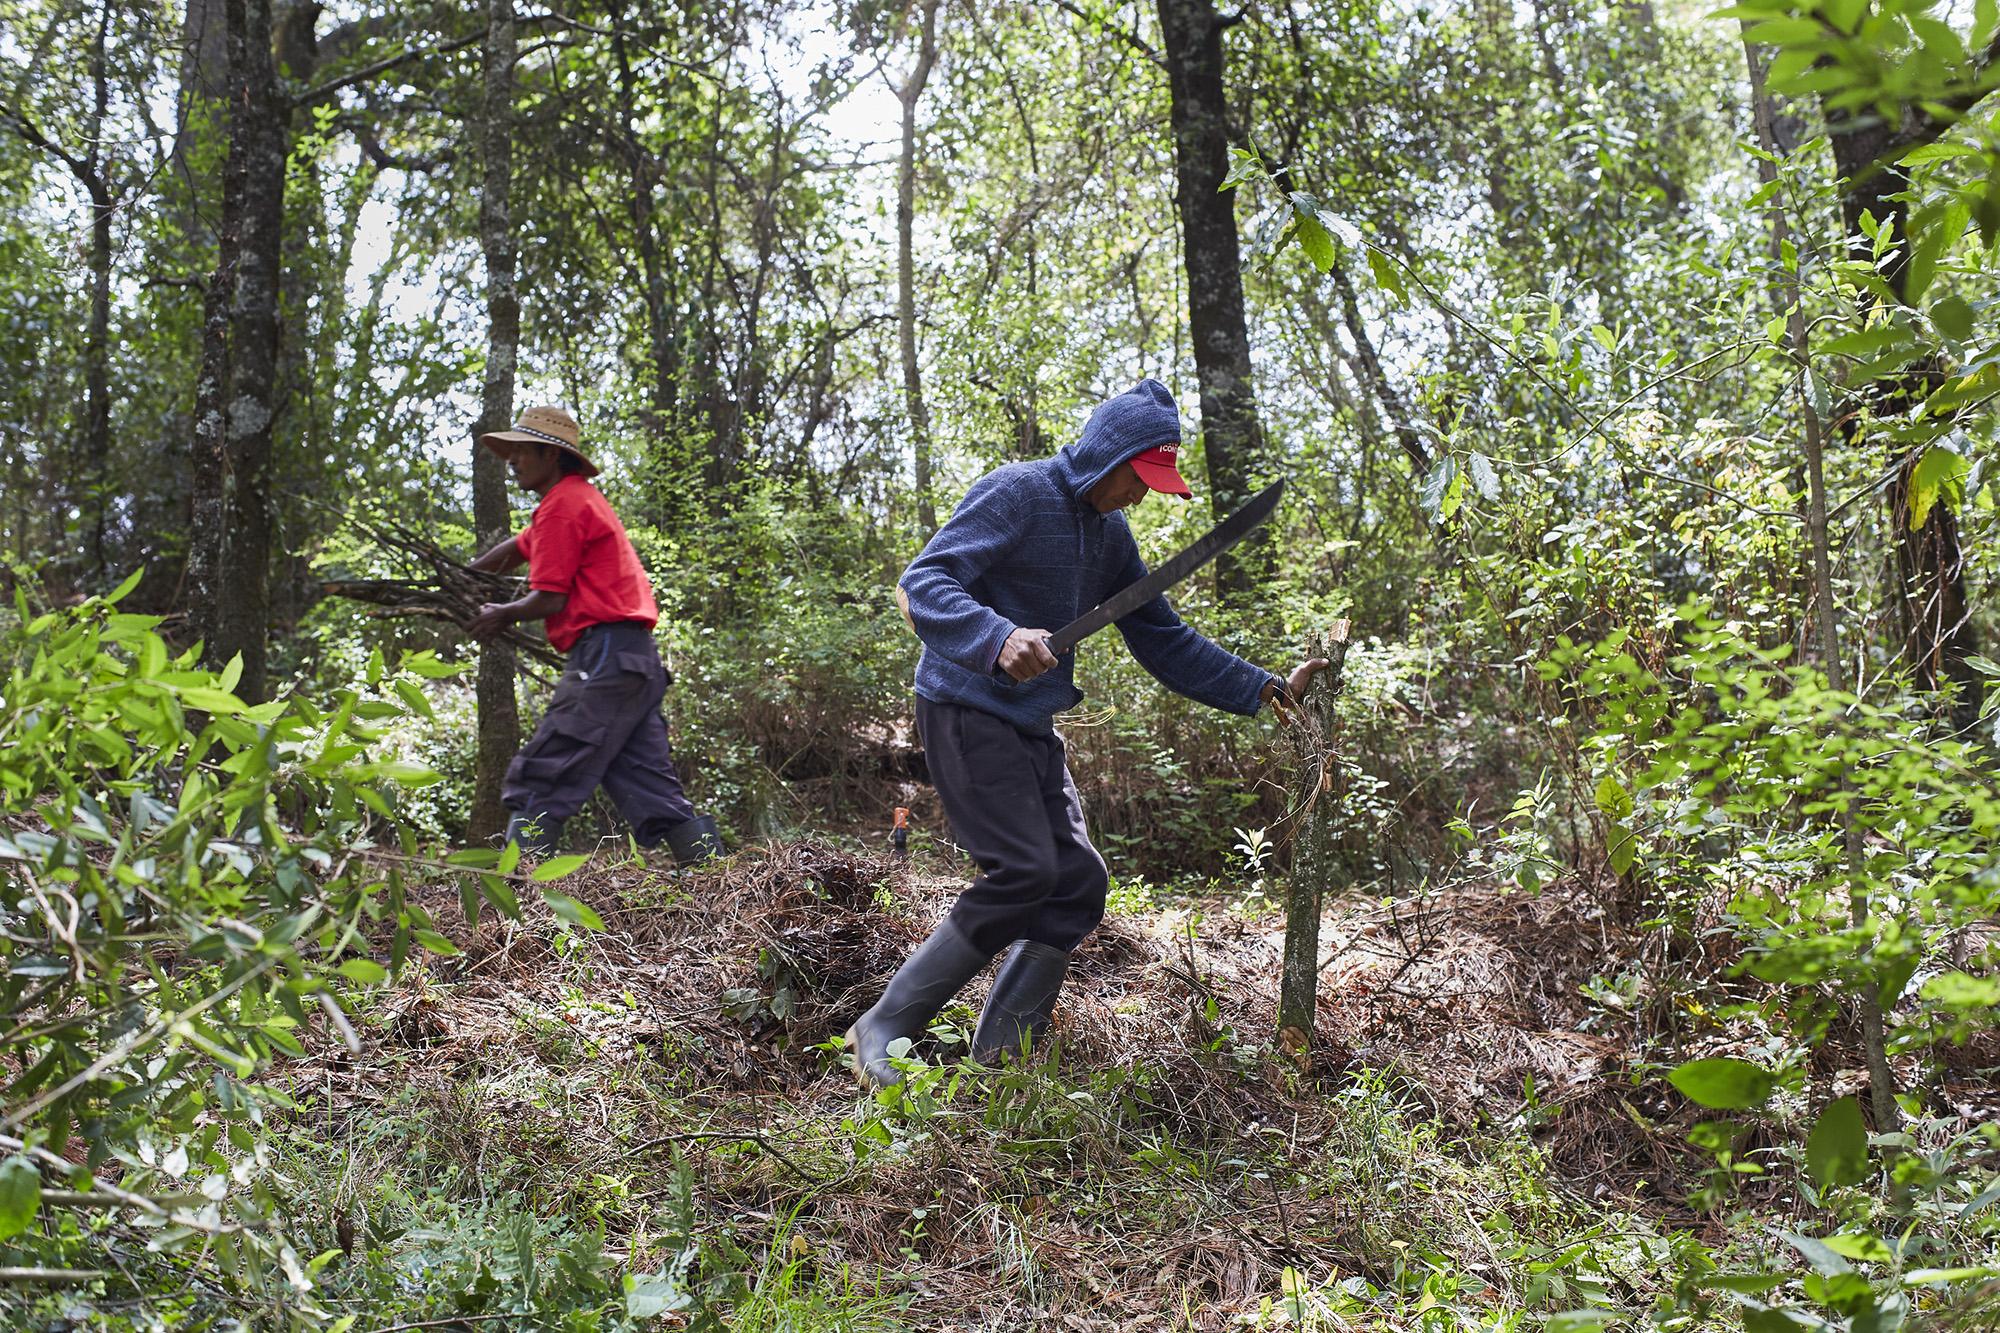 Manejo forestal comunitario en Amanalco: vivir del bosque y para el bosque